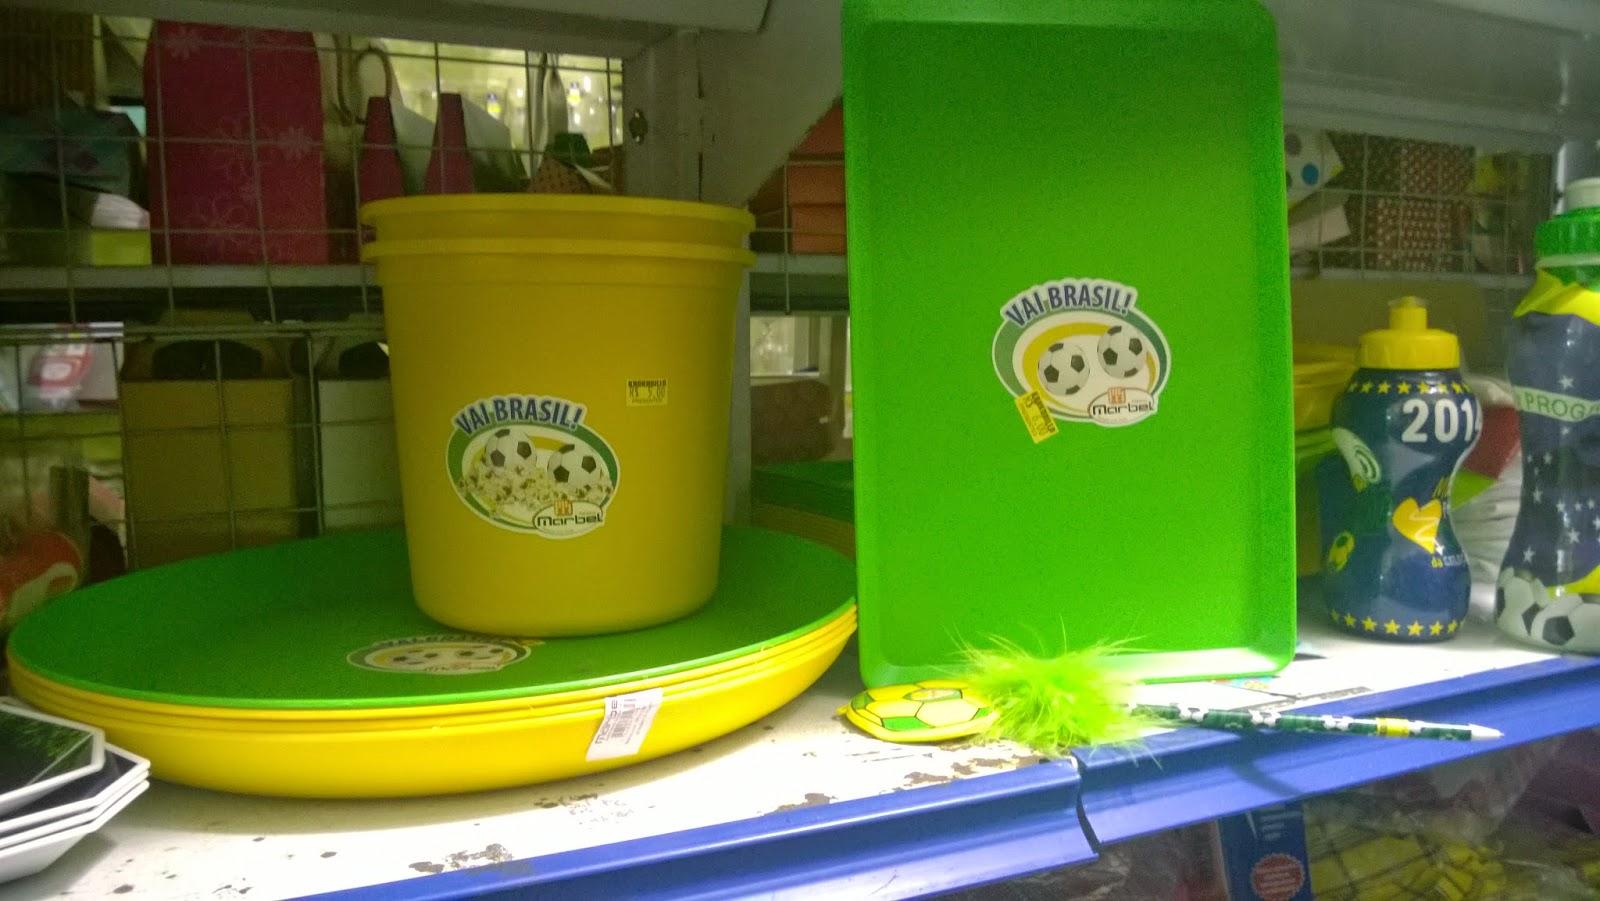 bandeja, balde de pipoca ou gela nas cores do Brasil (verde e amarelo) para Copa nas lojinhas de 1,99